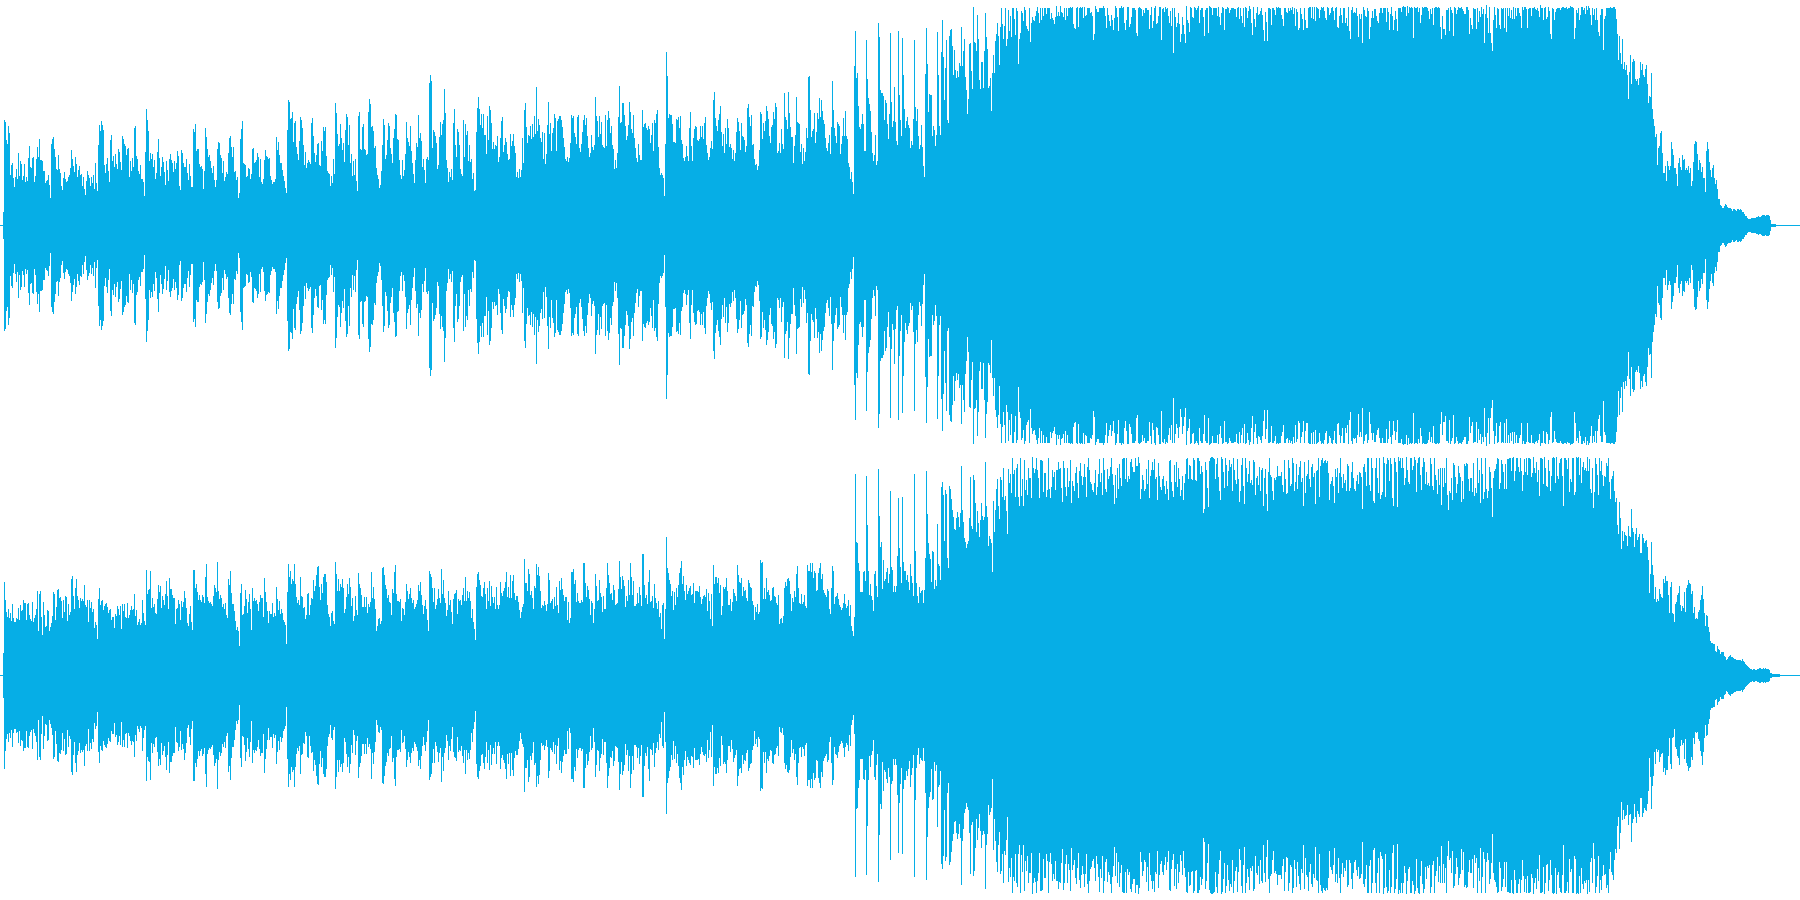 ストリングスとピアノのロックな曲の再生済みの波形